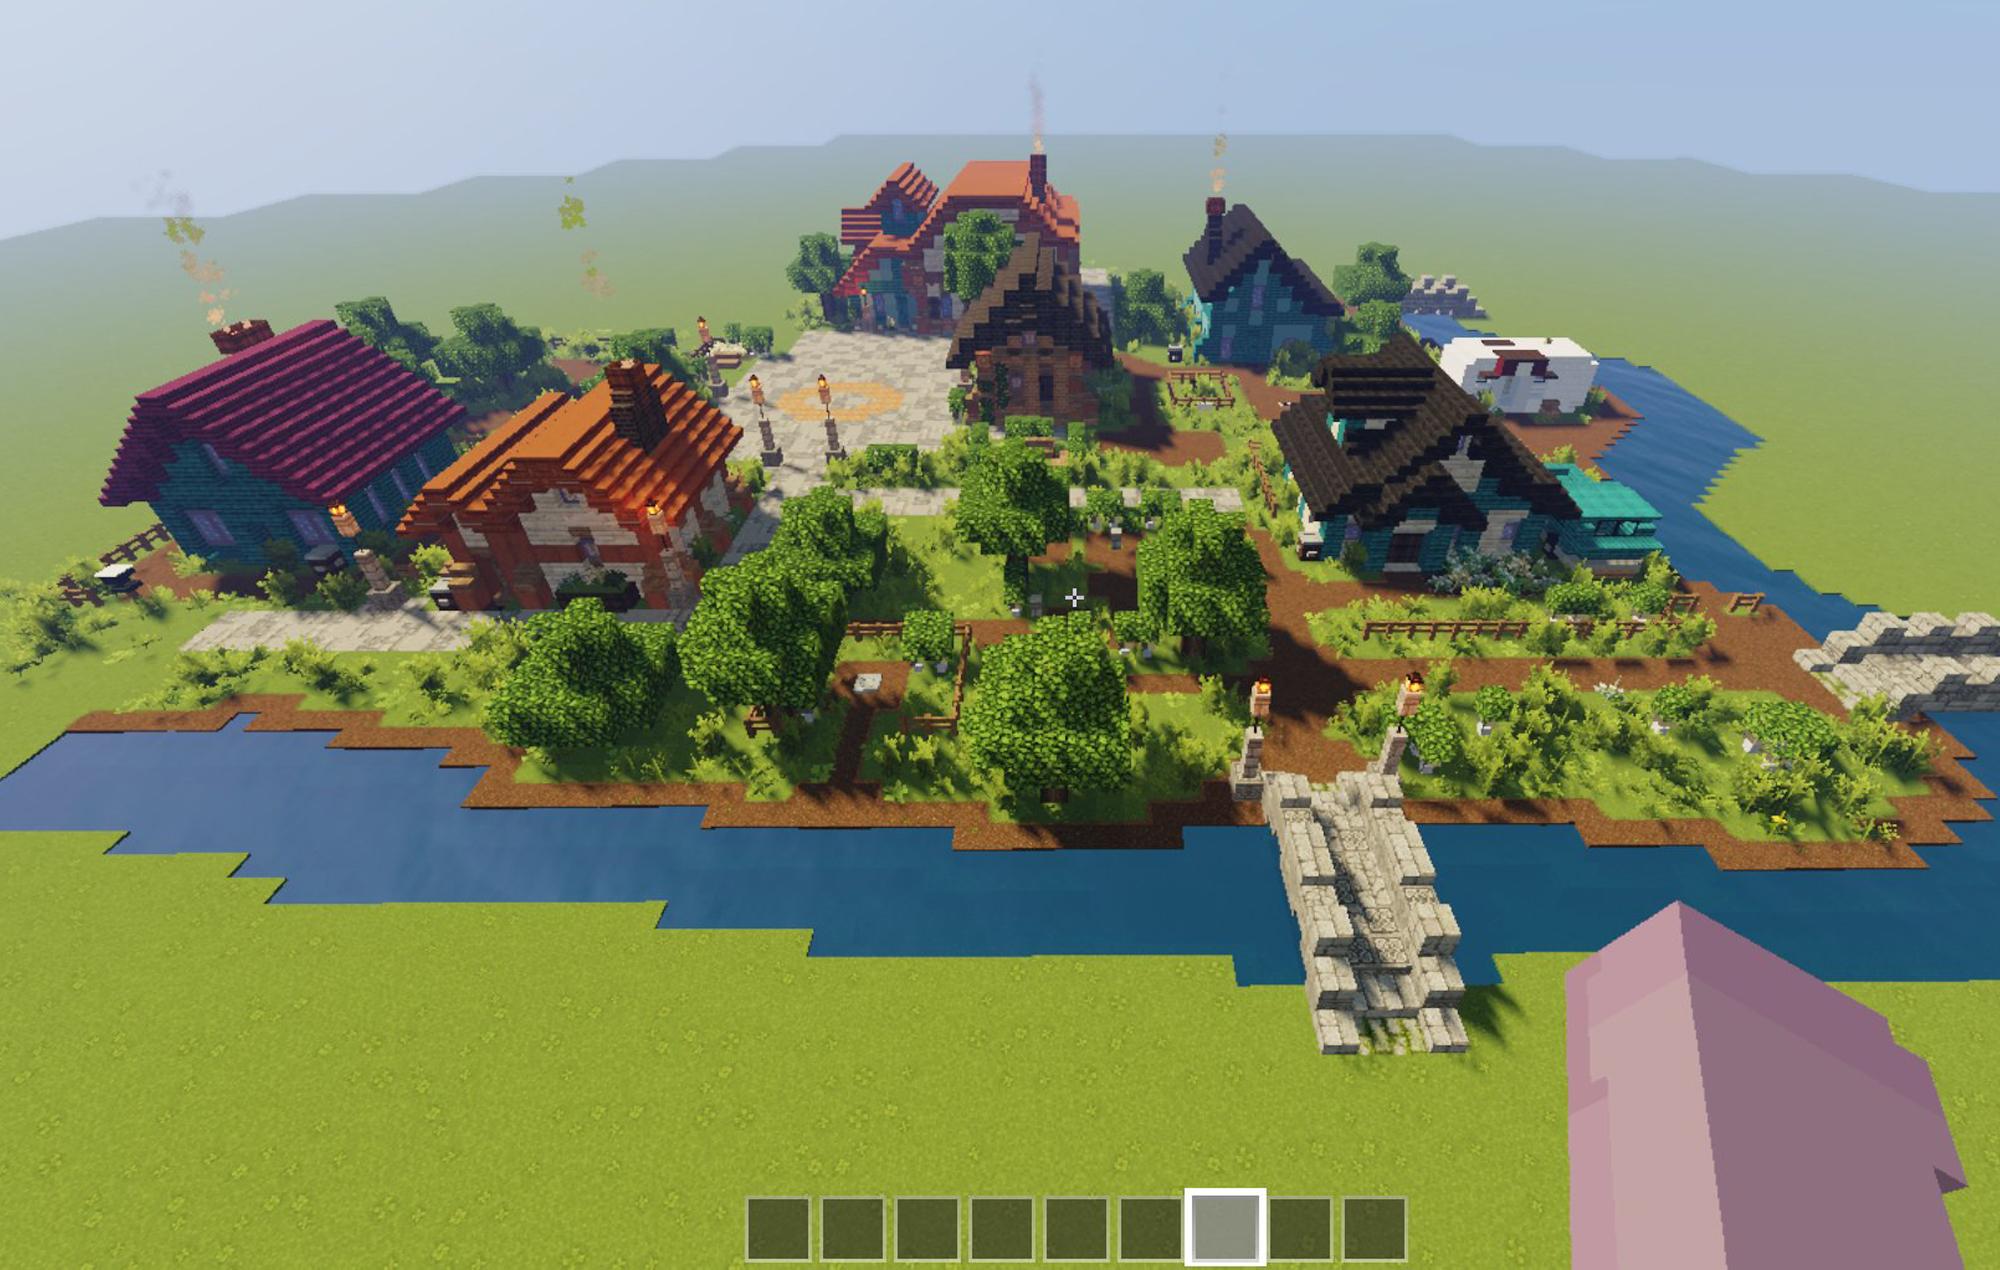 Minecraft Stardew Valley build